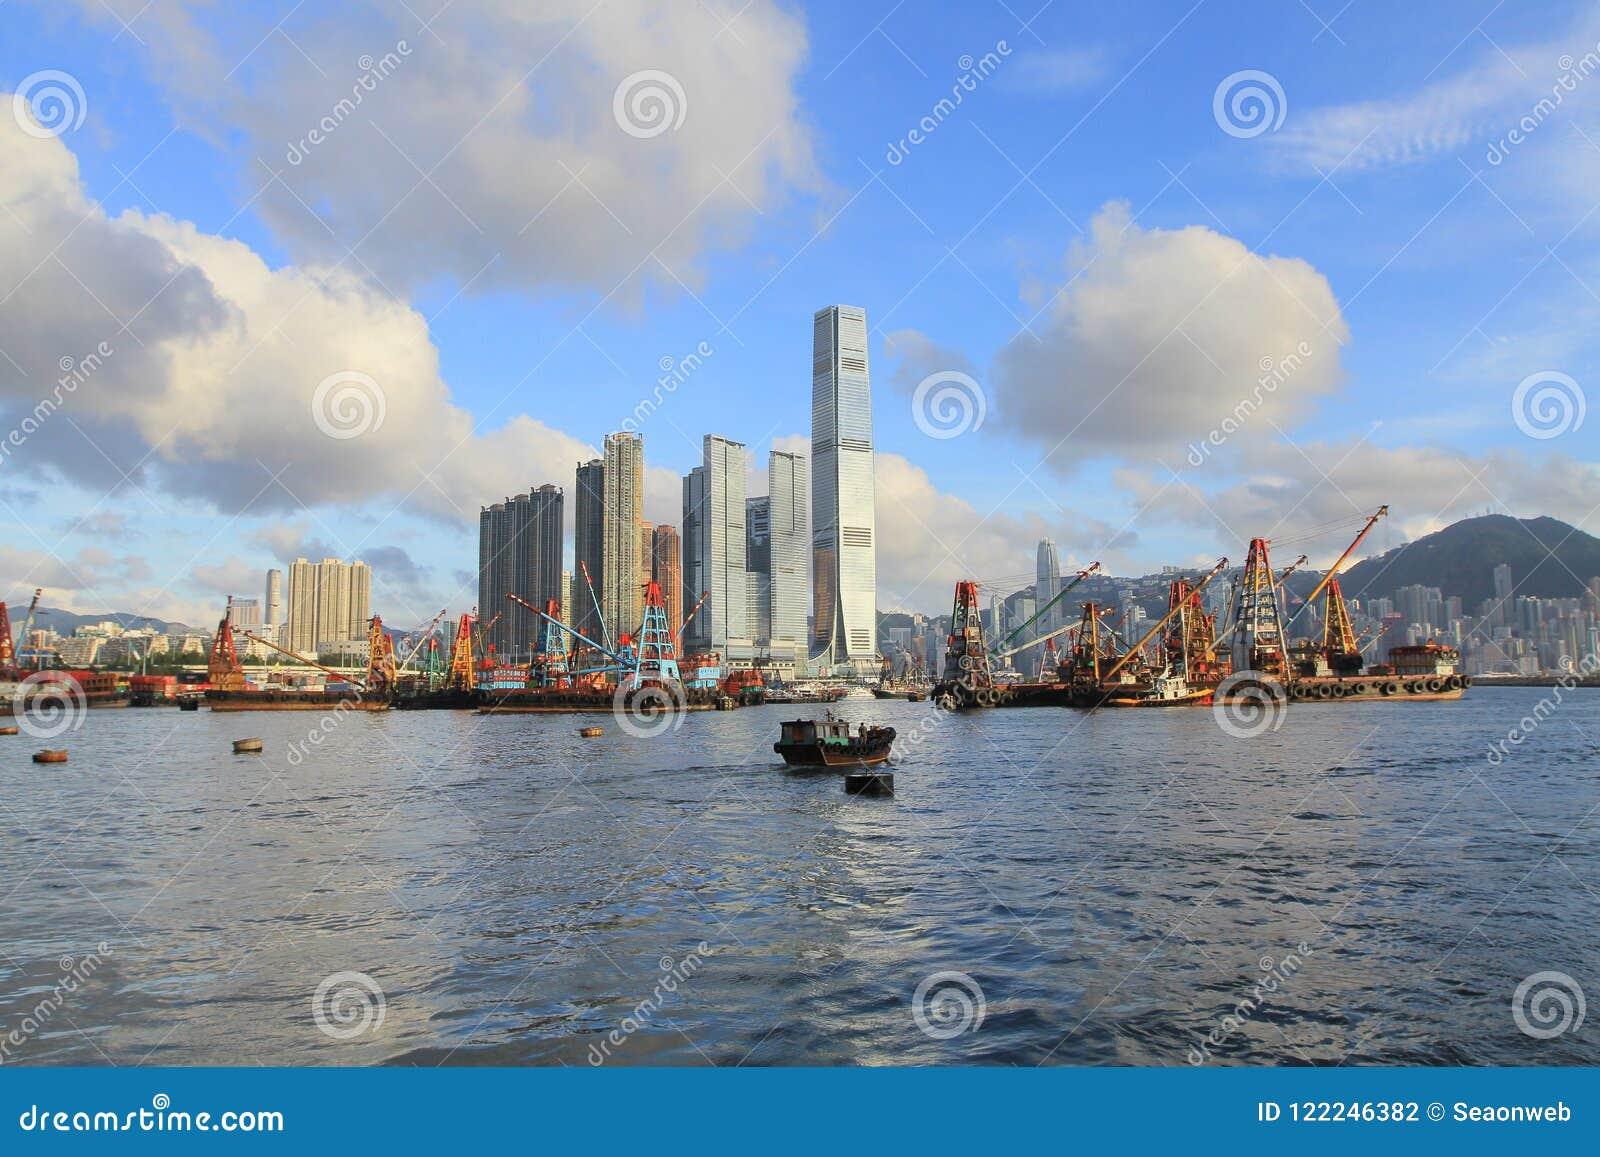 Yau Ma Tei Typhoon Shelter West-Kowloon